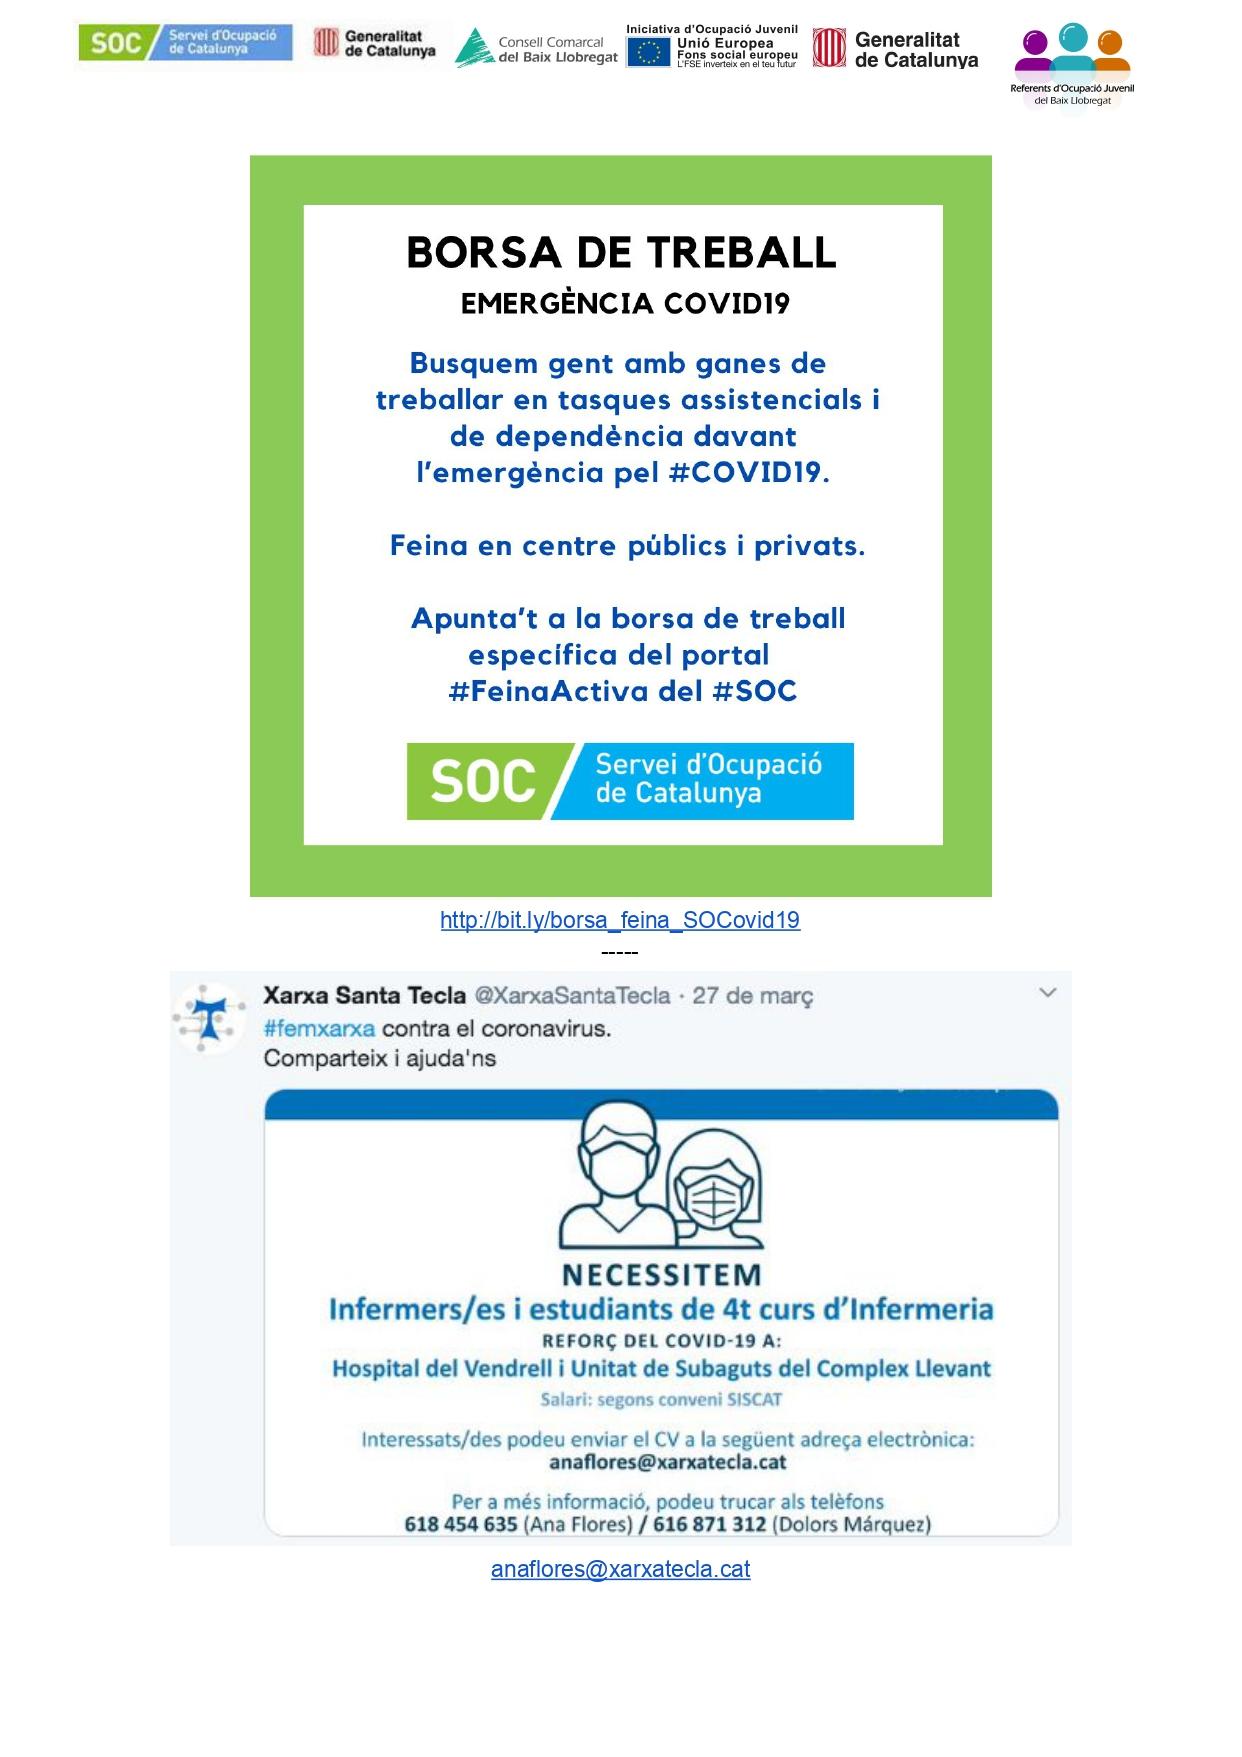 Ofertes de feina publicades des del Servei d'Ocupació de Catalunya (30 de març de 2020)